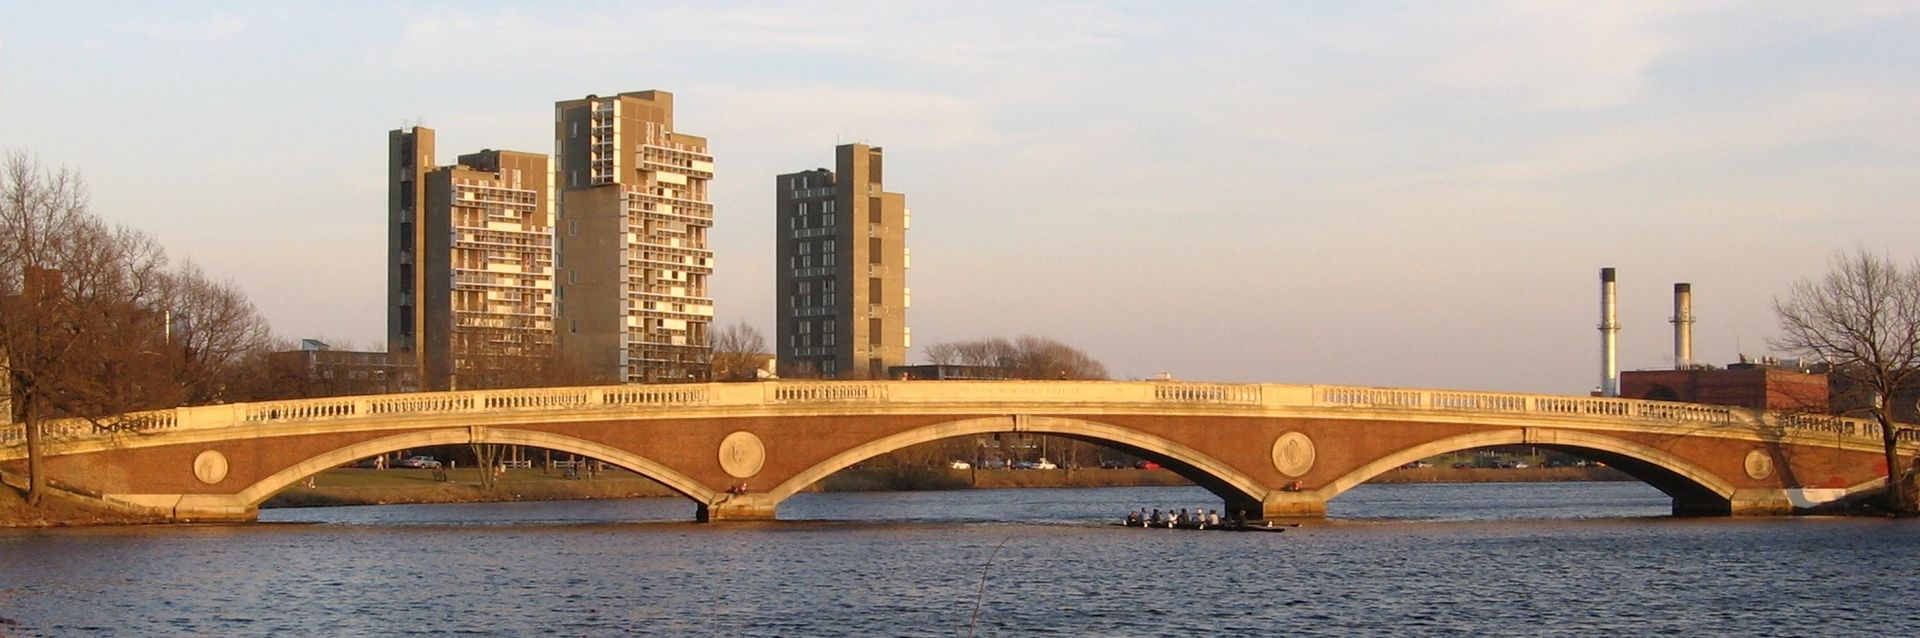 Nơi tốt nhất để sống ở Mỹ - Cambridge, Massachusetts